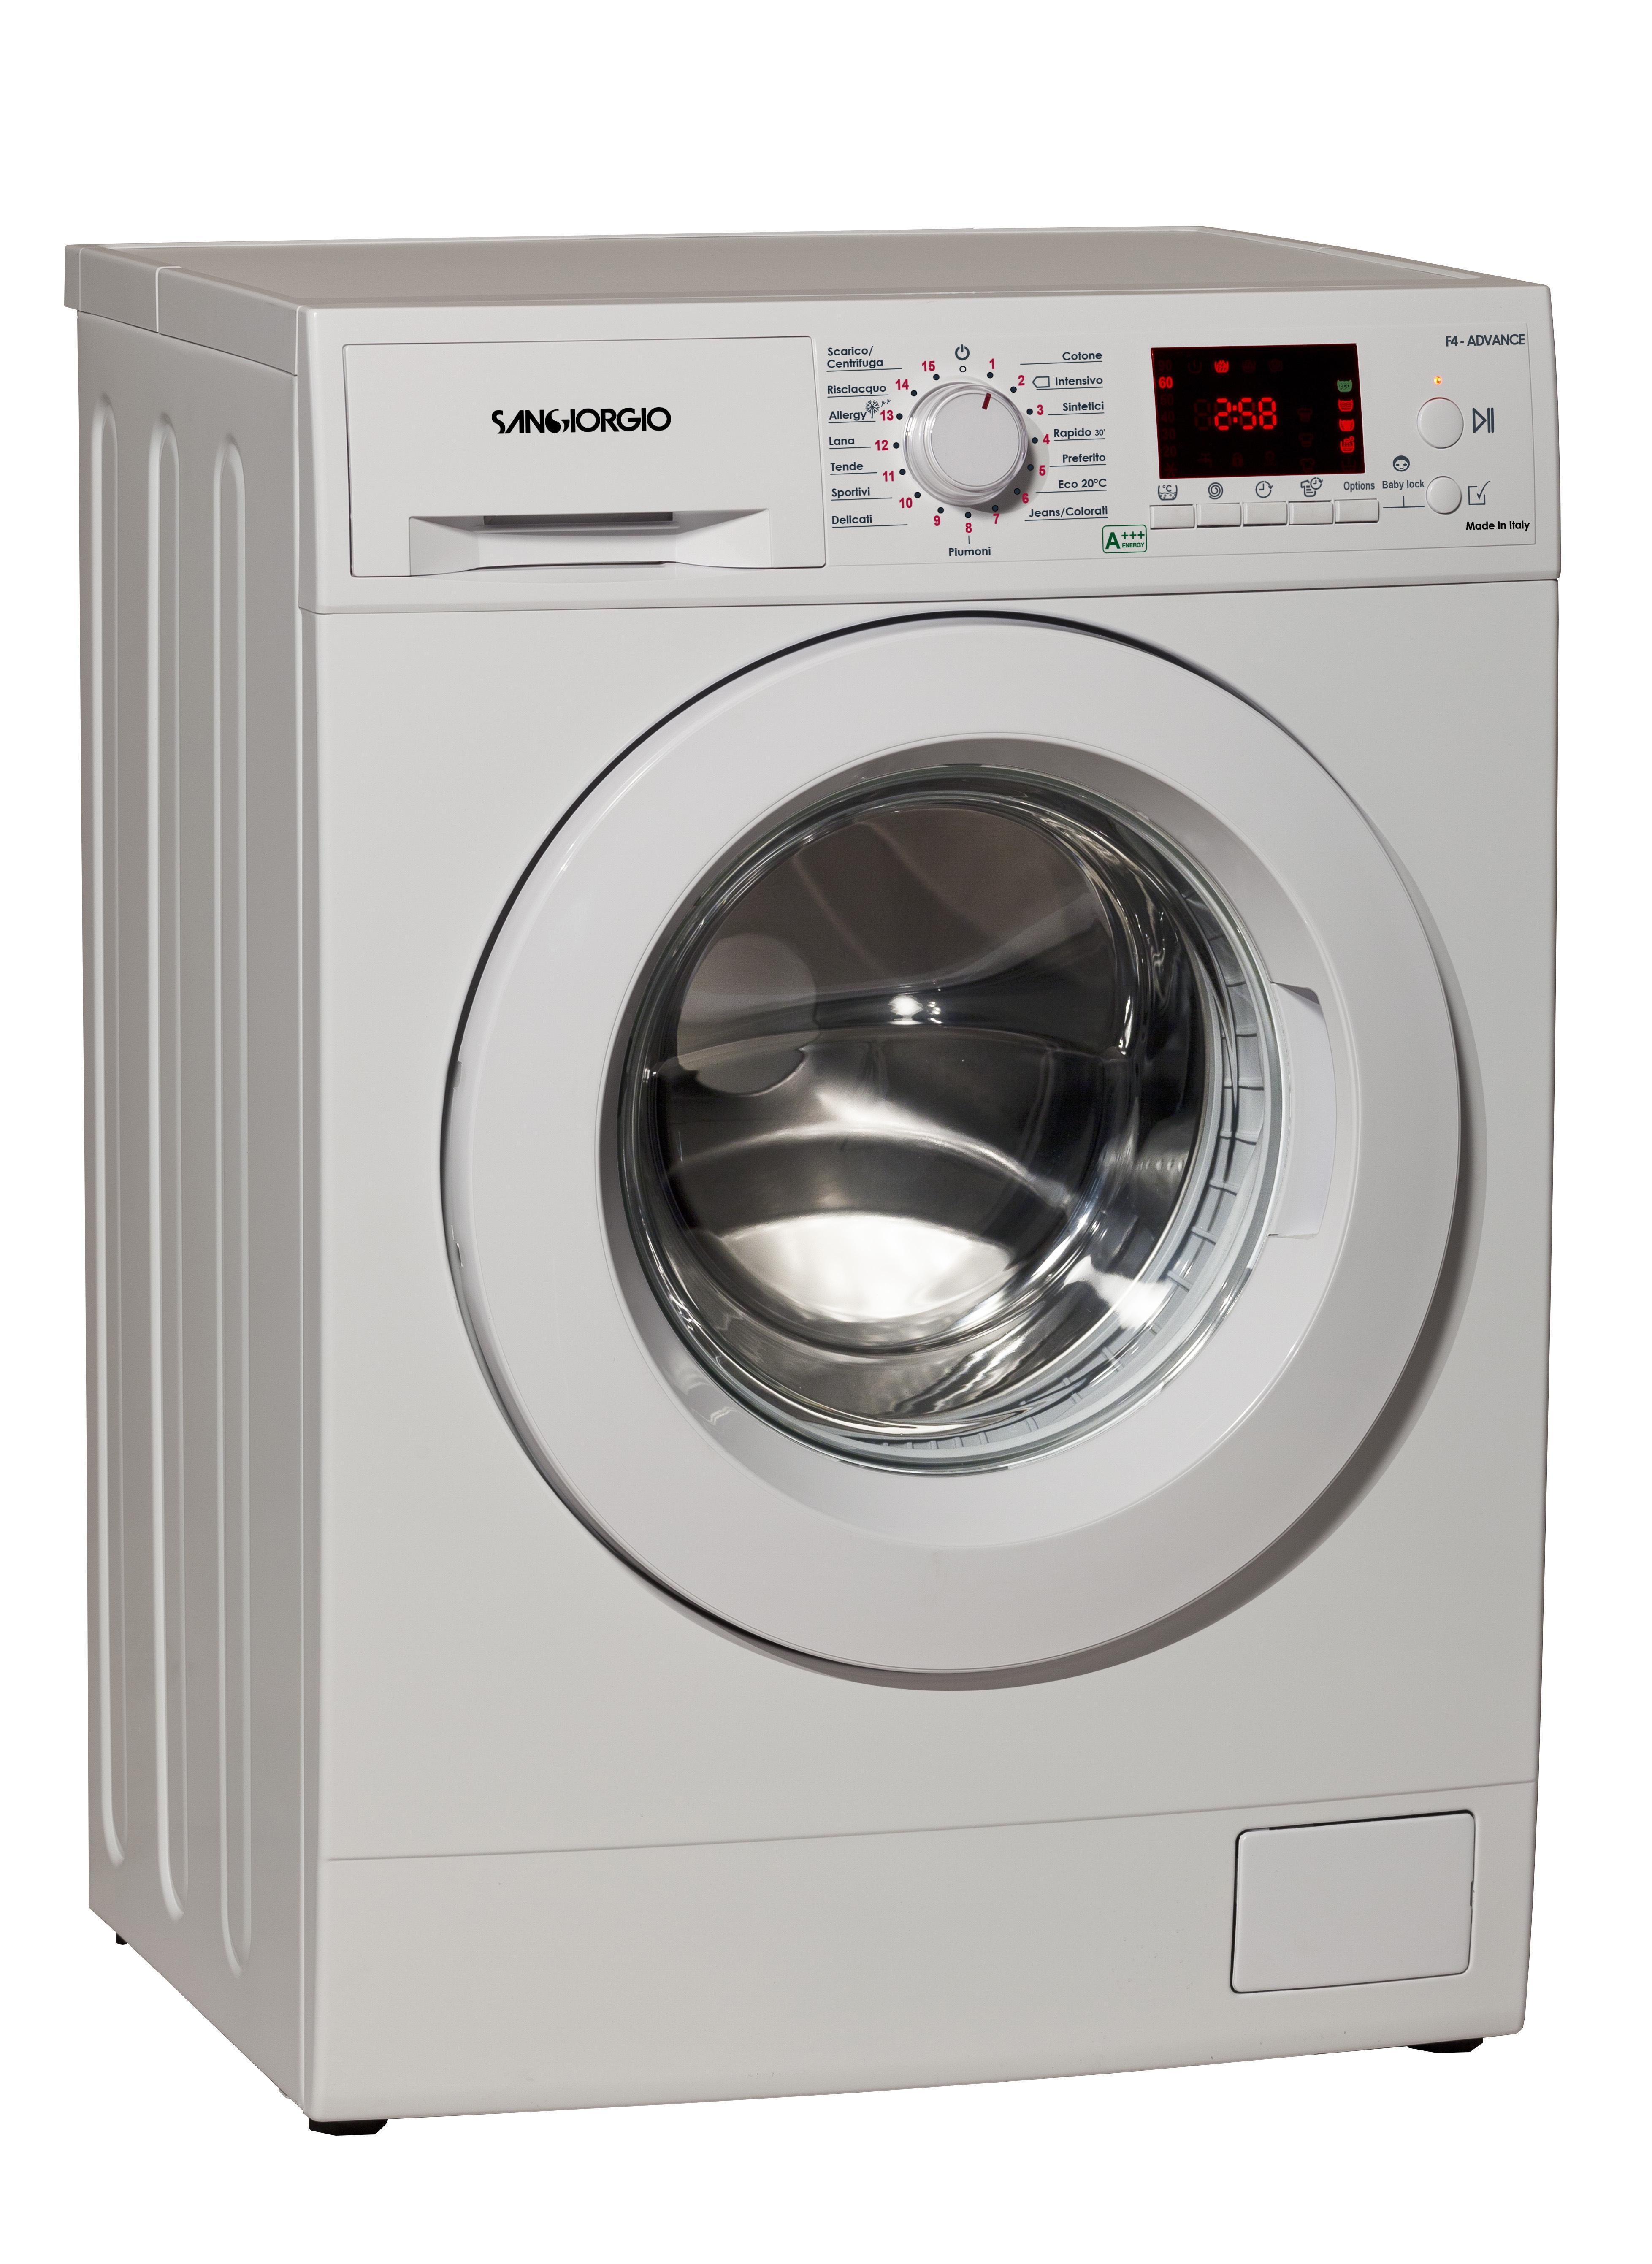 SanGiorgio F1012D lavatrice Libera installazione Caricamento dall'alto 10 kg 1200 Giri/min Bianco